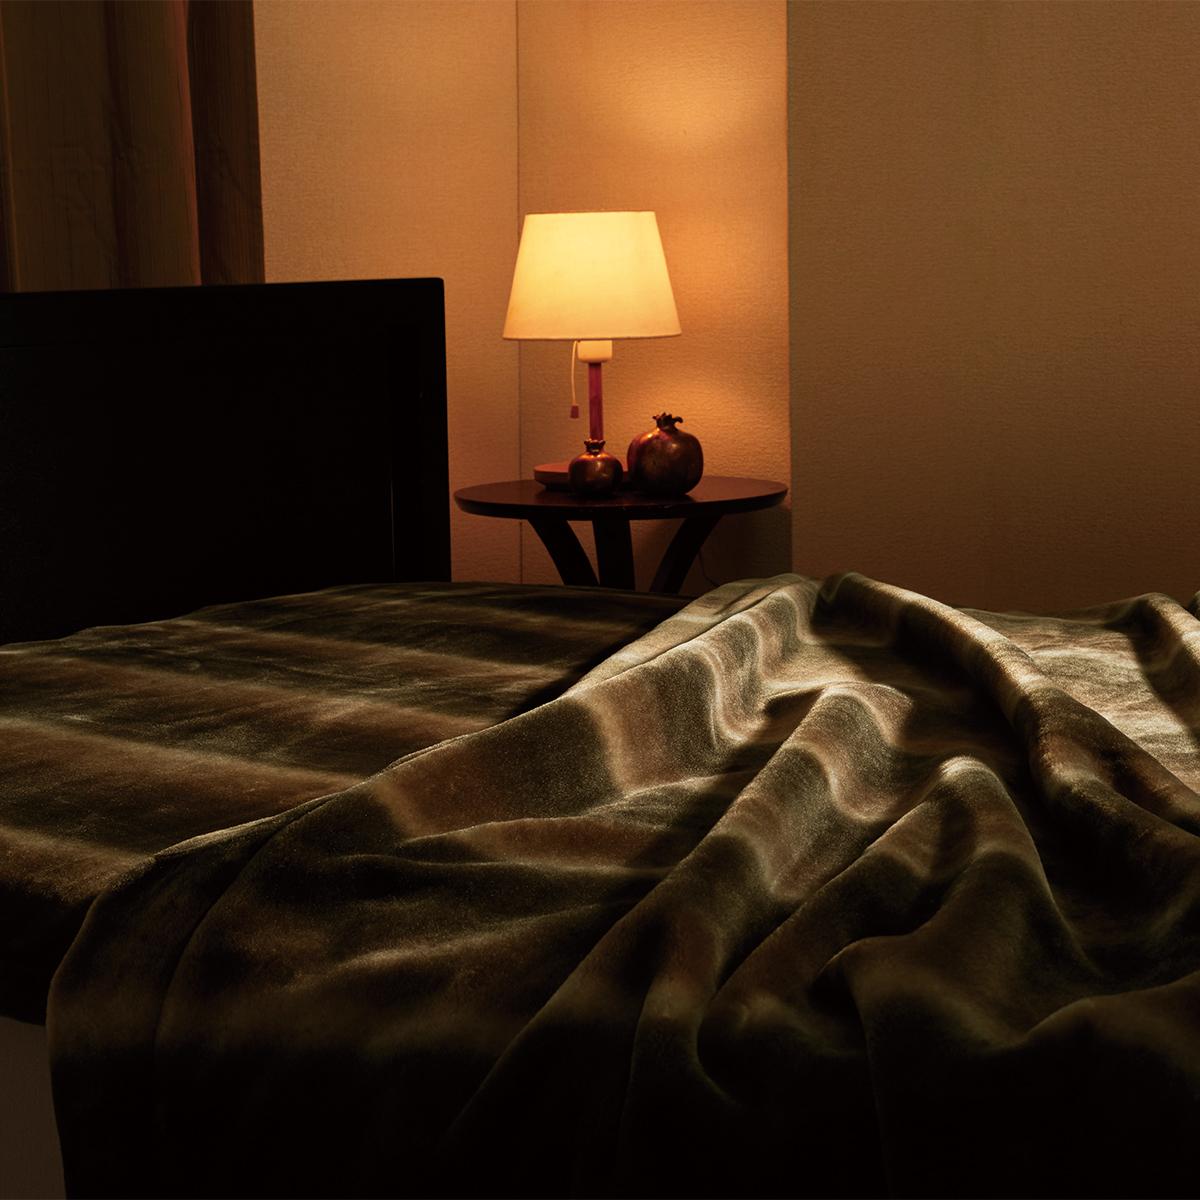 寝心地がまるで違う「毛布」|《敷毛布/ダブル》暖かさはもう当たり前、軽さとなめらかさも実現した「毛布」|CALDONIDO NOTTE